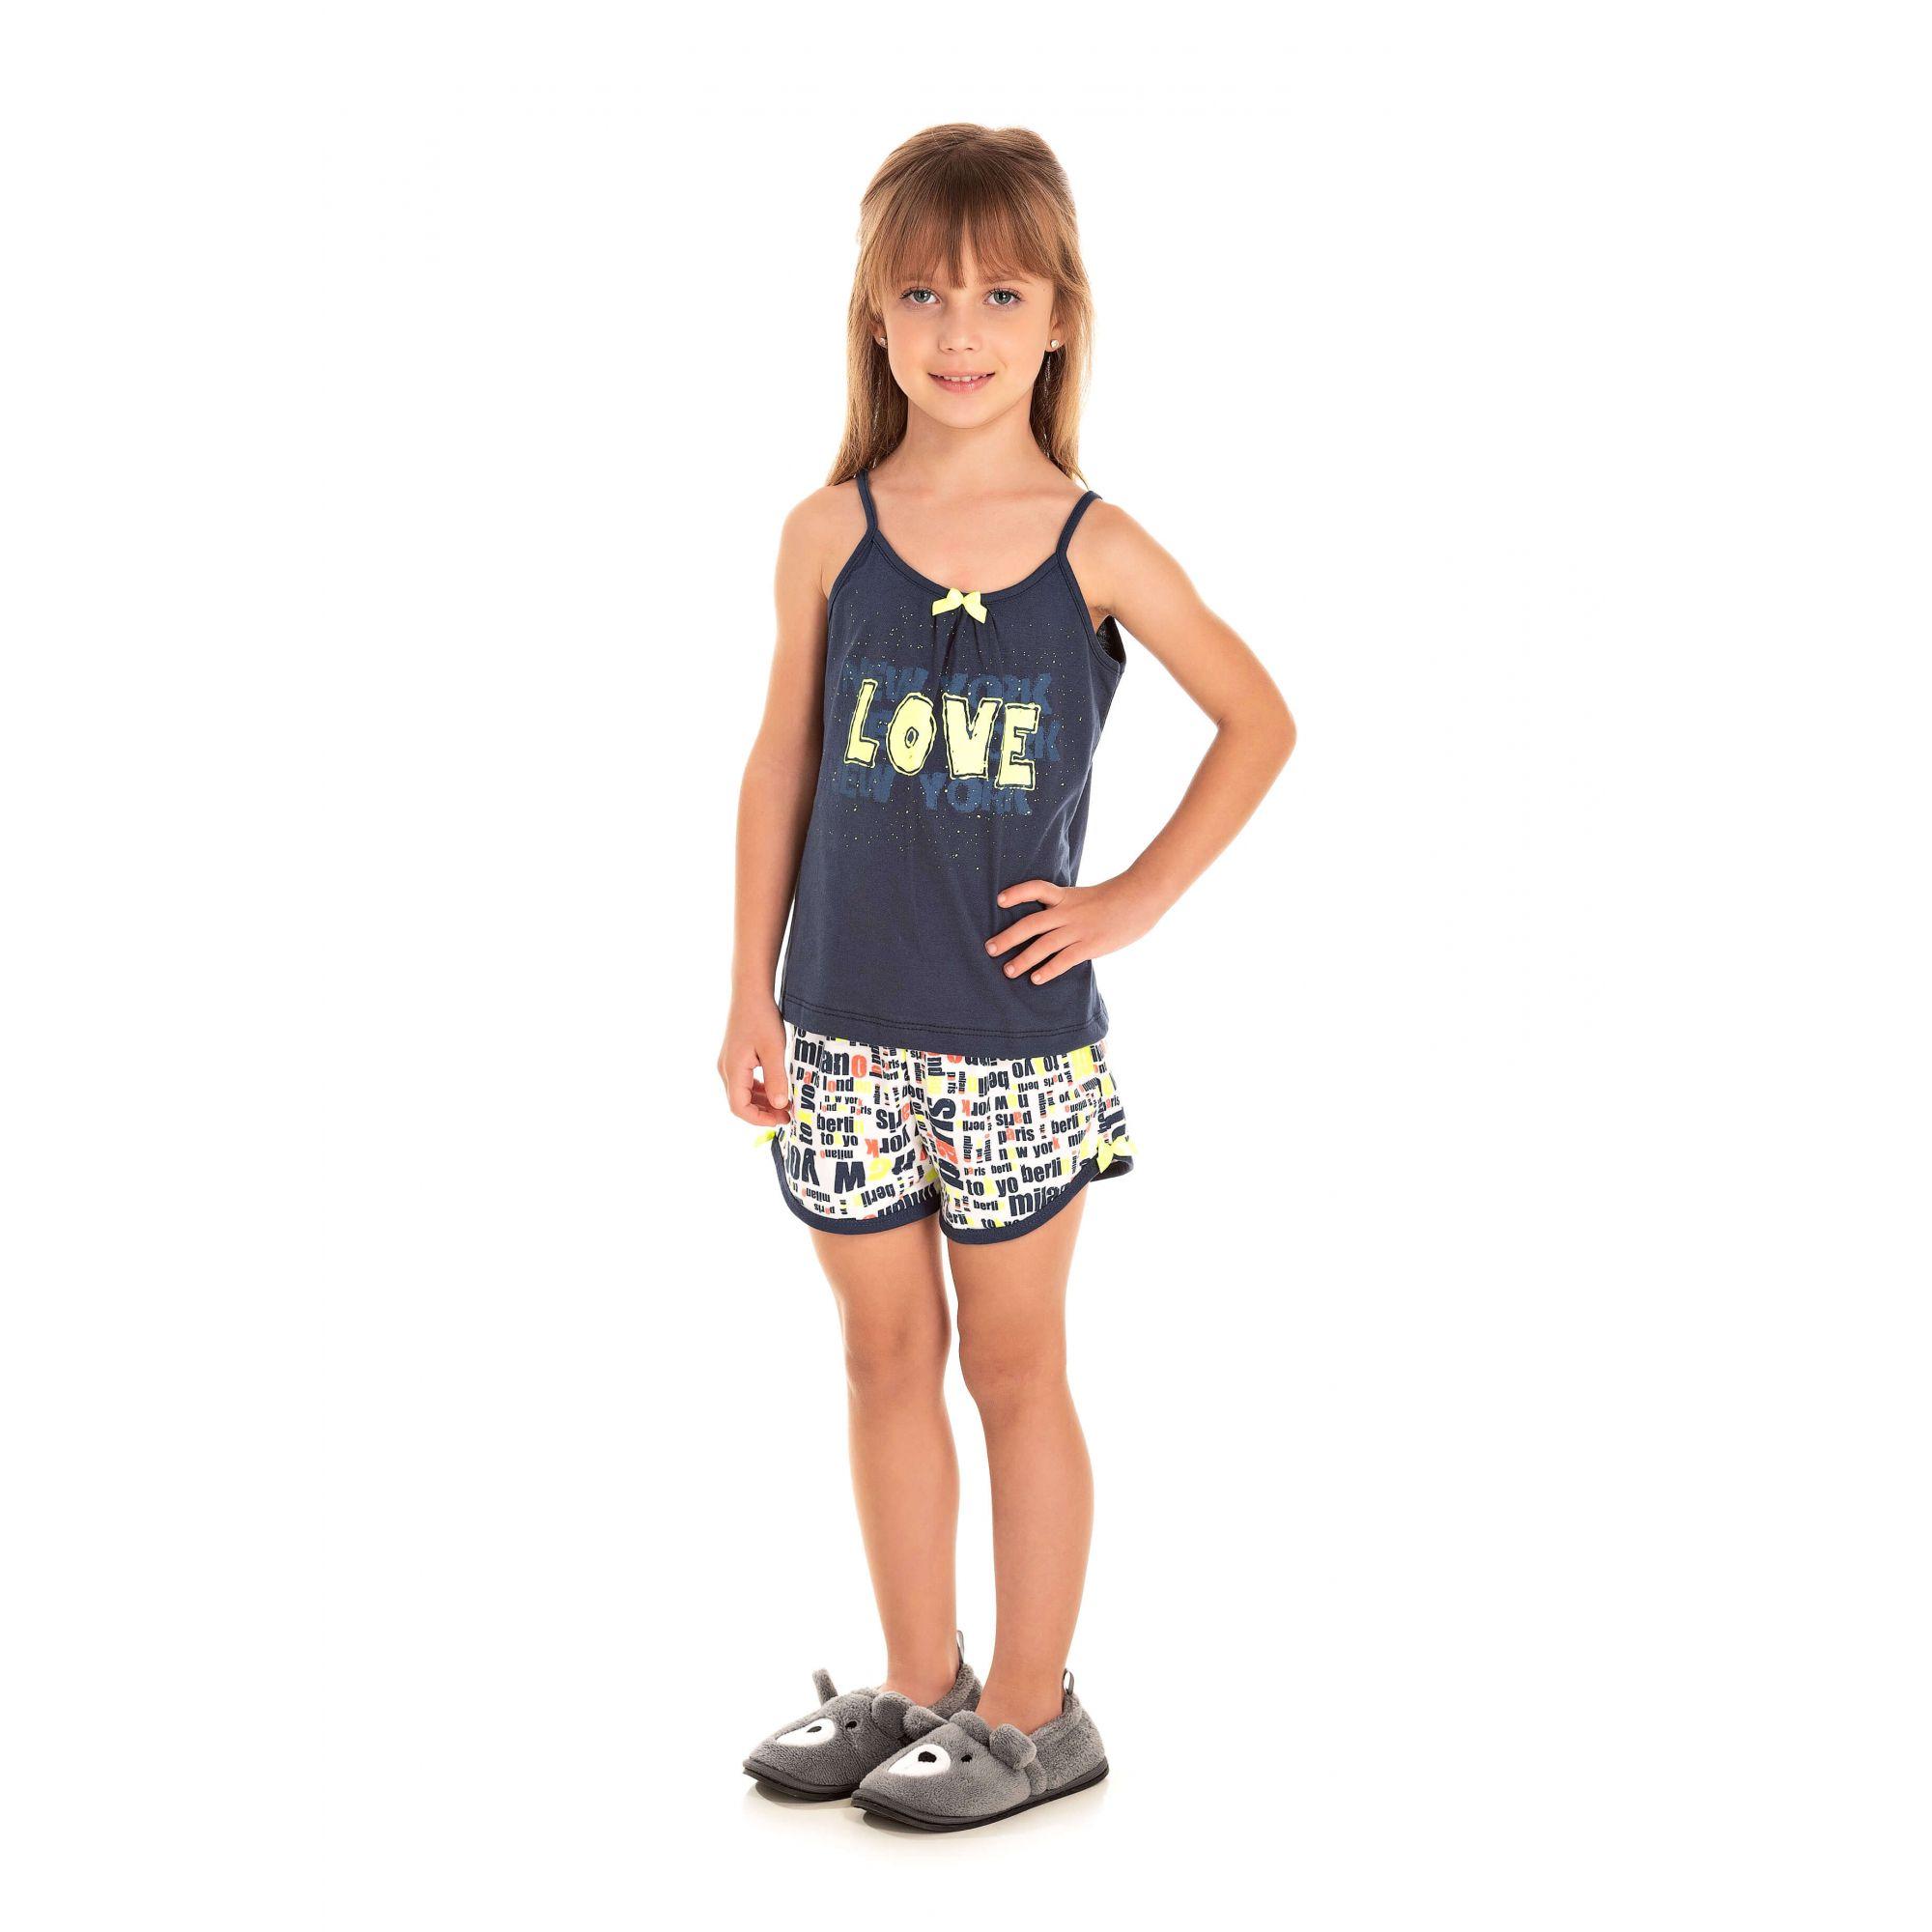 020 - Short Doll Infantil Feminino Love - Marinho